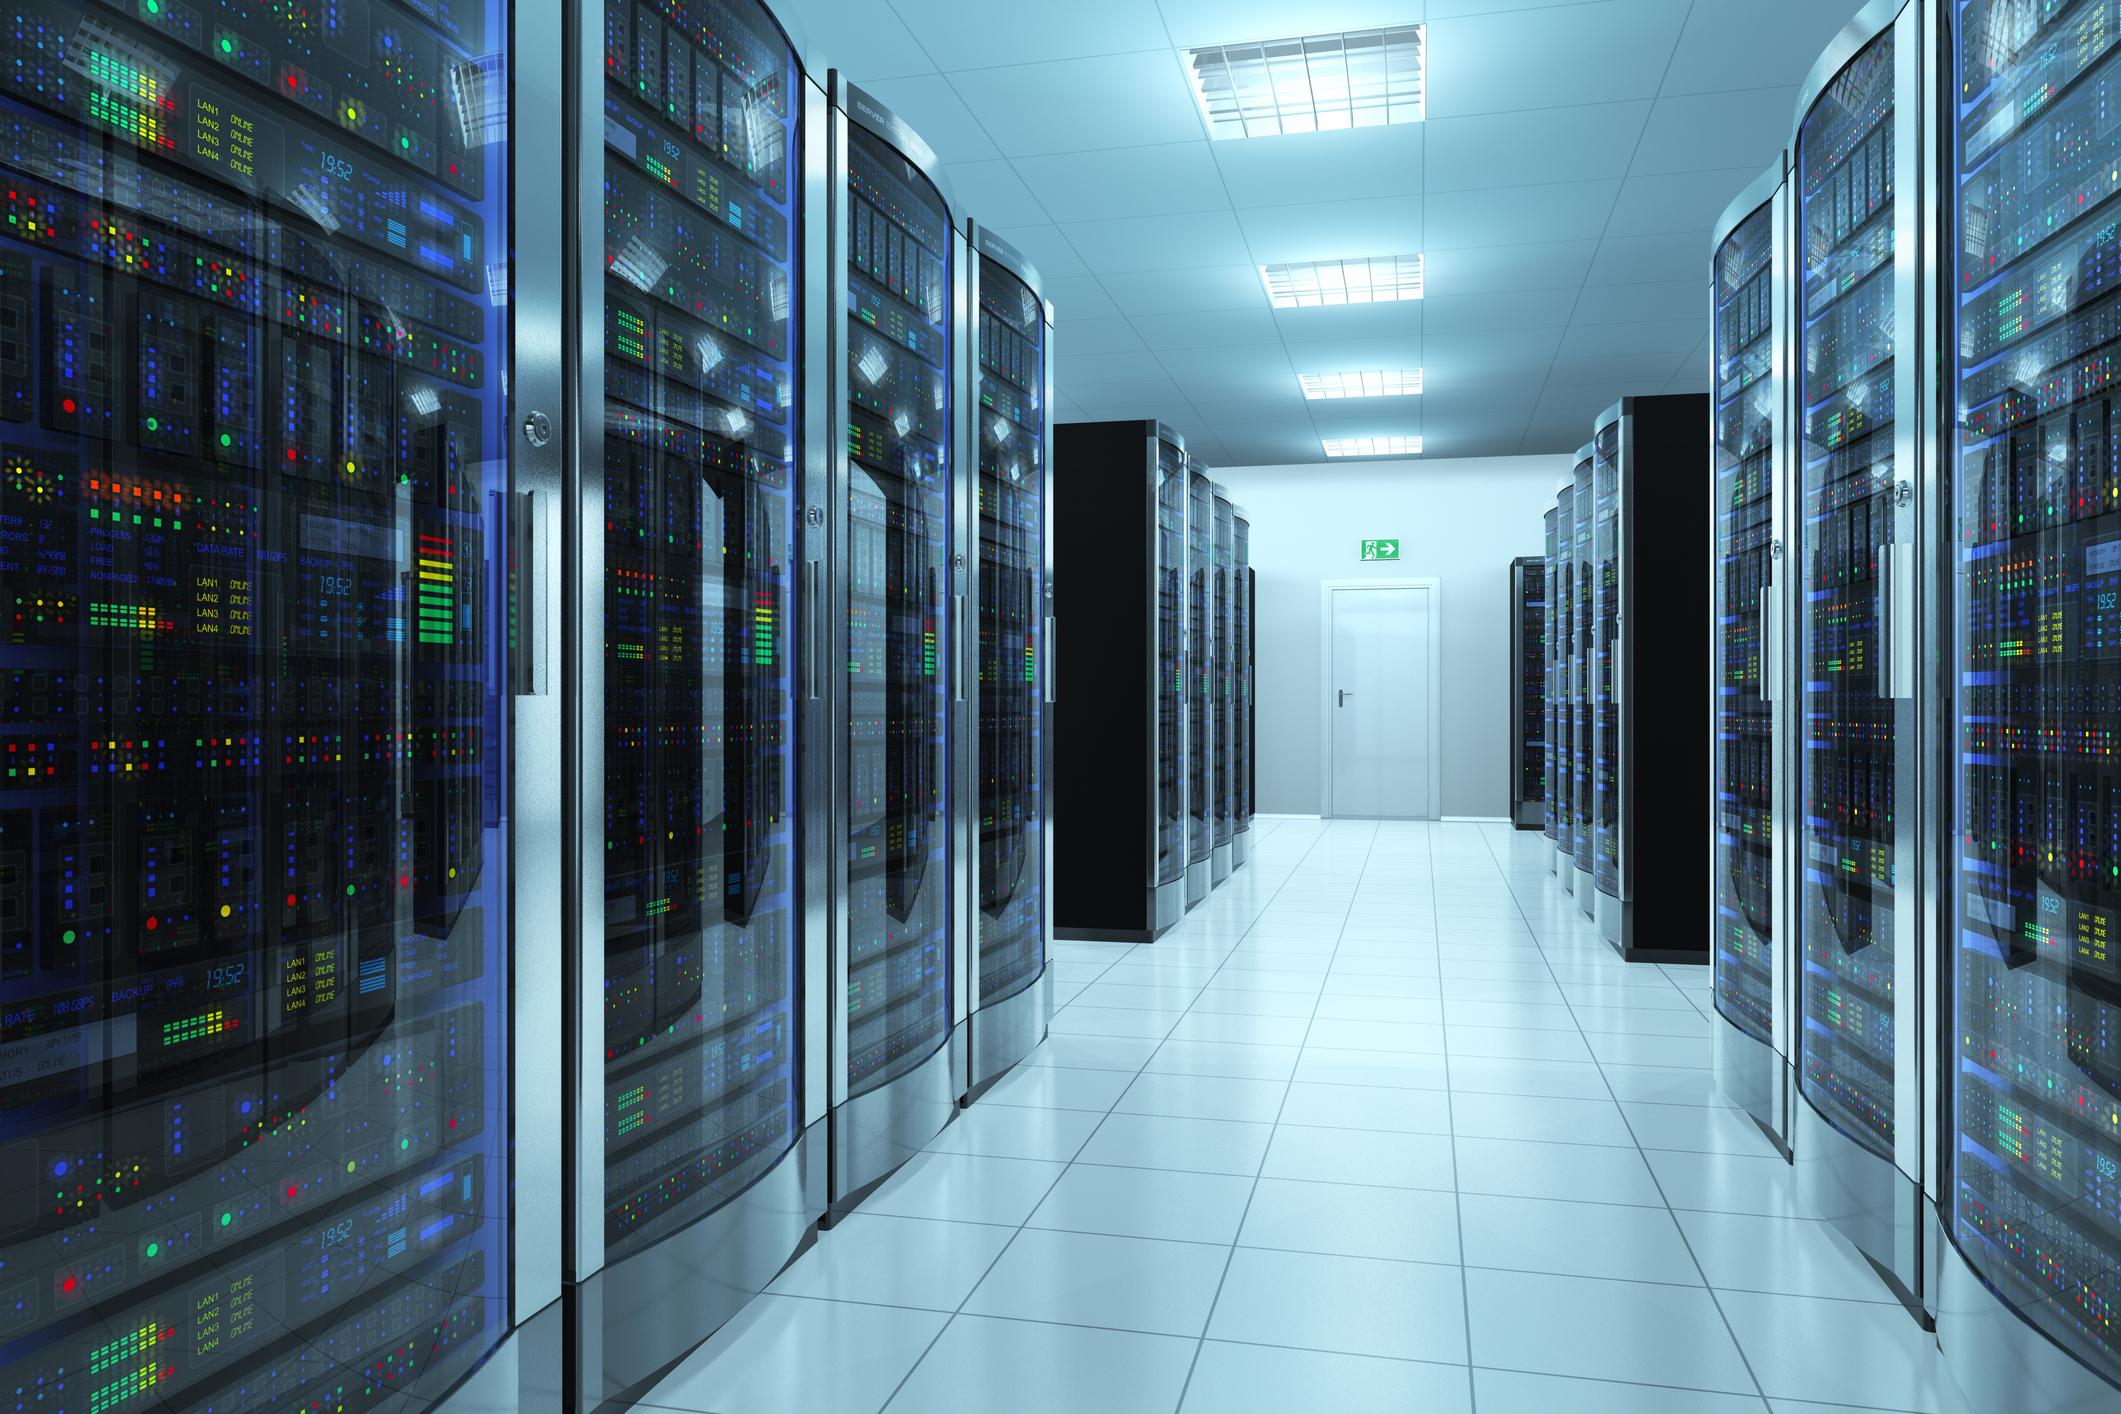 Inside a computer server room.